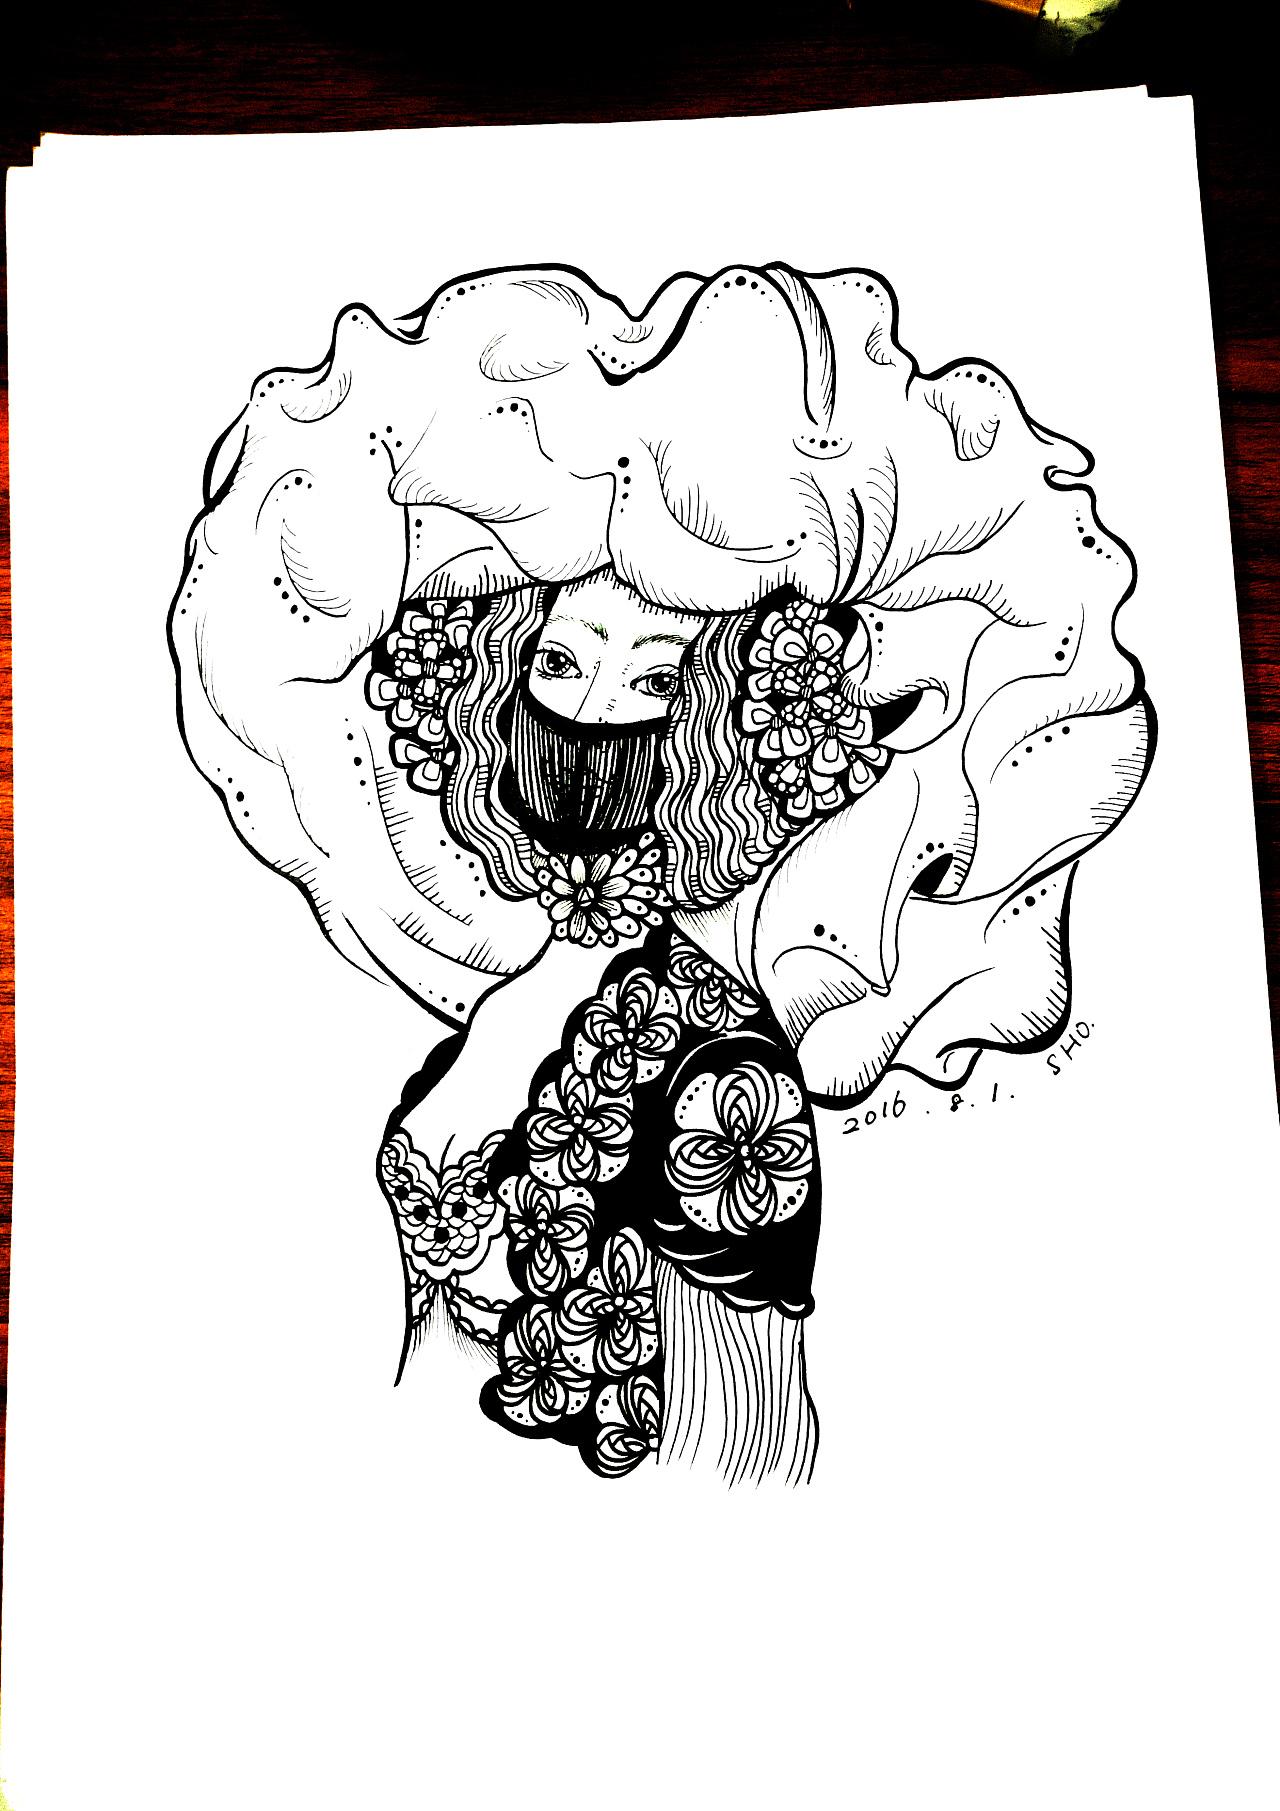 黑白手绘|插画|插画习作|败闹画画呢 - 原创作品